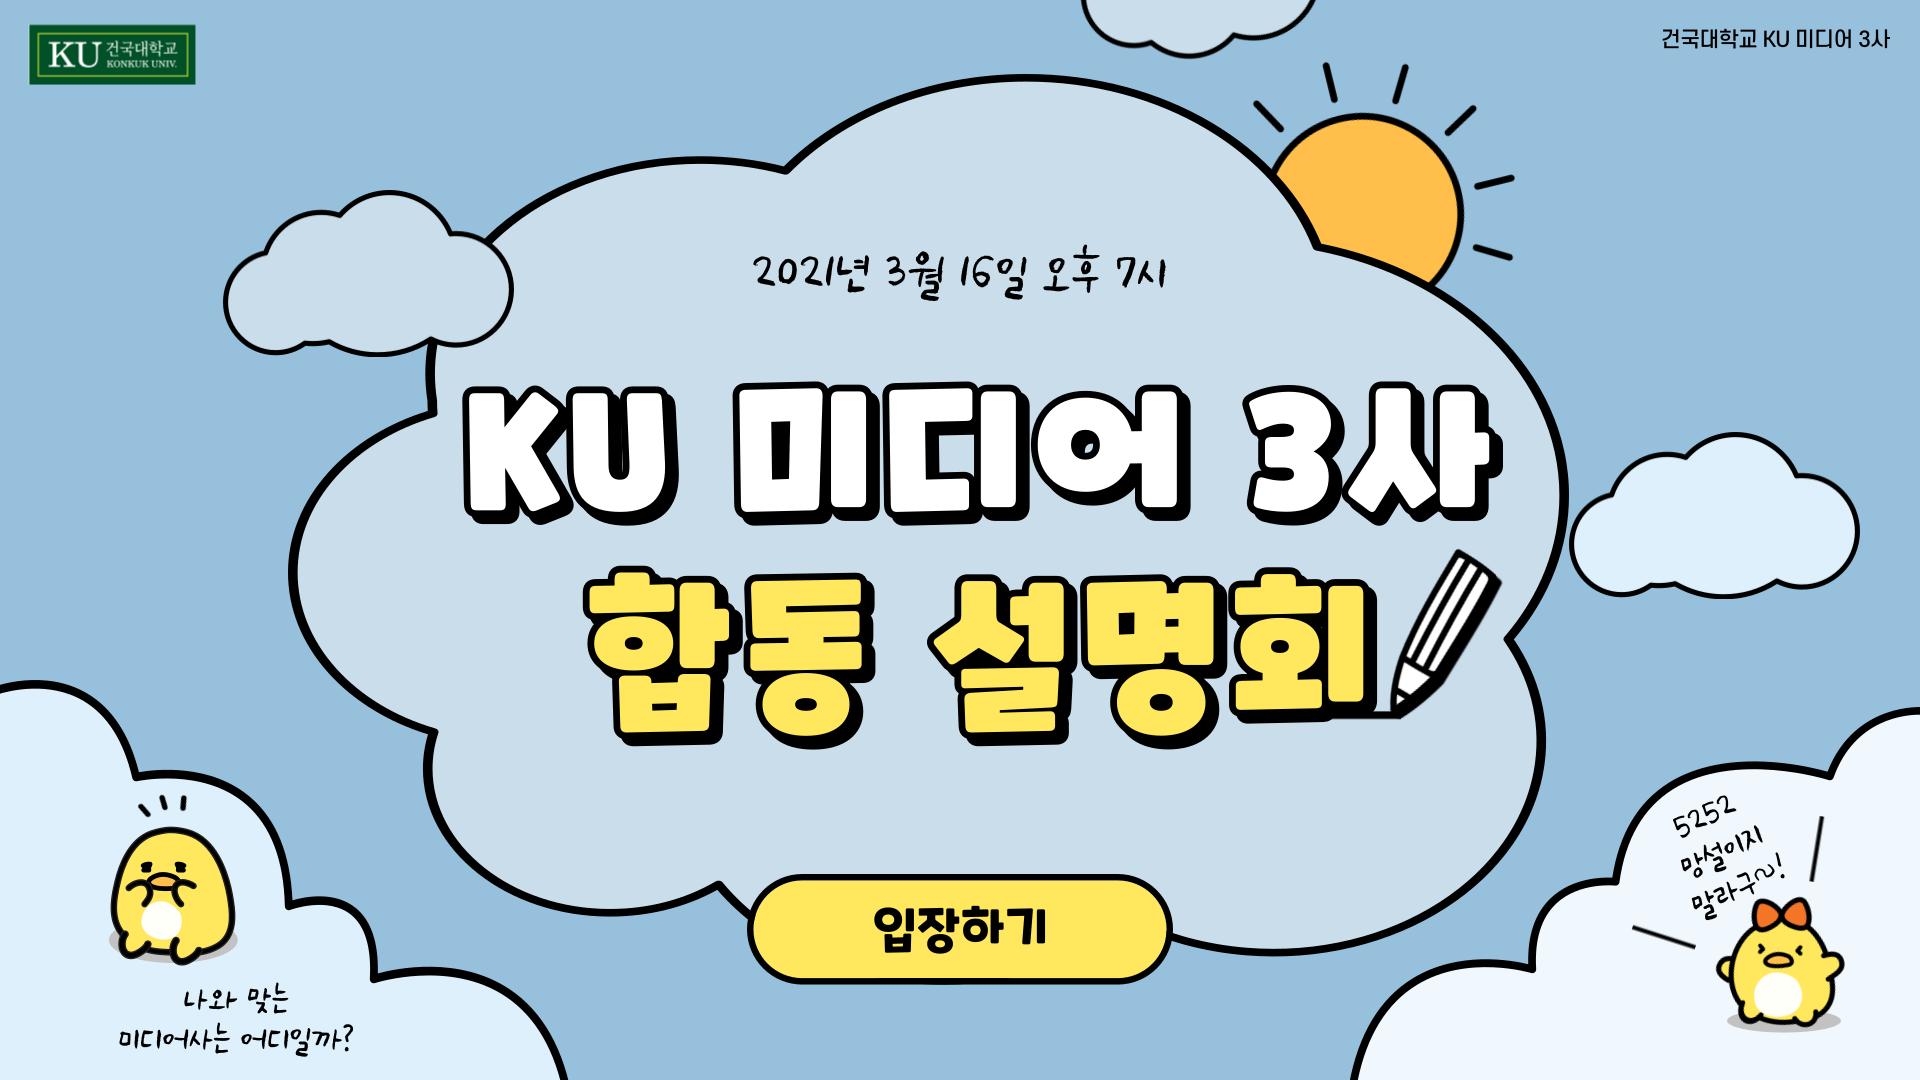 2021 KU 미디어 3사 합동 설명회.png